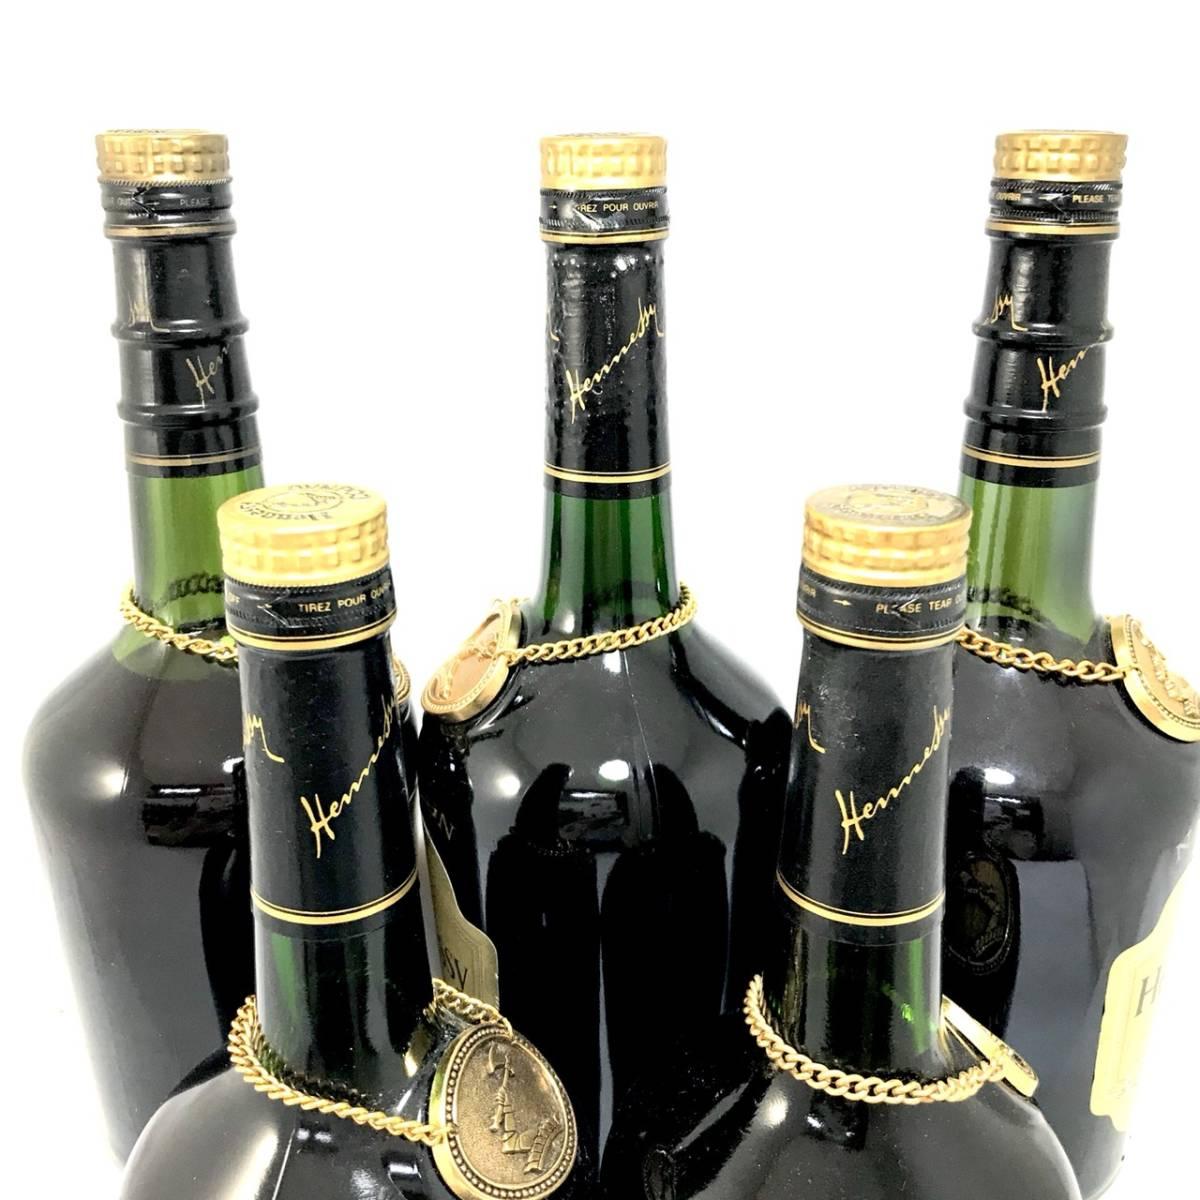 古酒 - Hennessy NAPOLEON BRASD'OR/ヘネシー ナポレオン ブラスドール 16本セット 700ml 40% ブランデー コニャック 未開栓_画像7